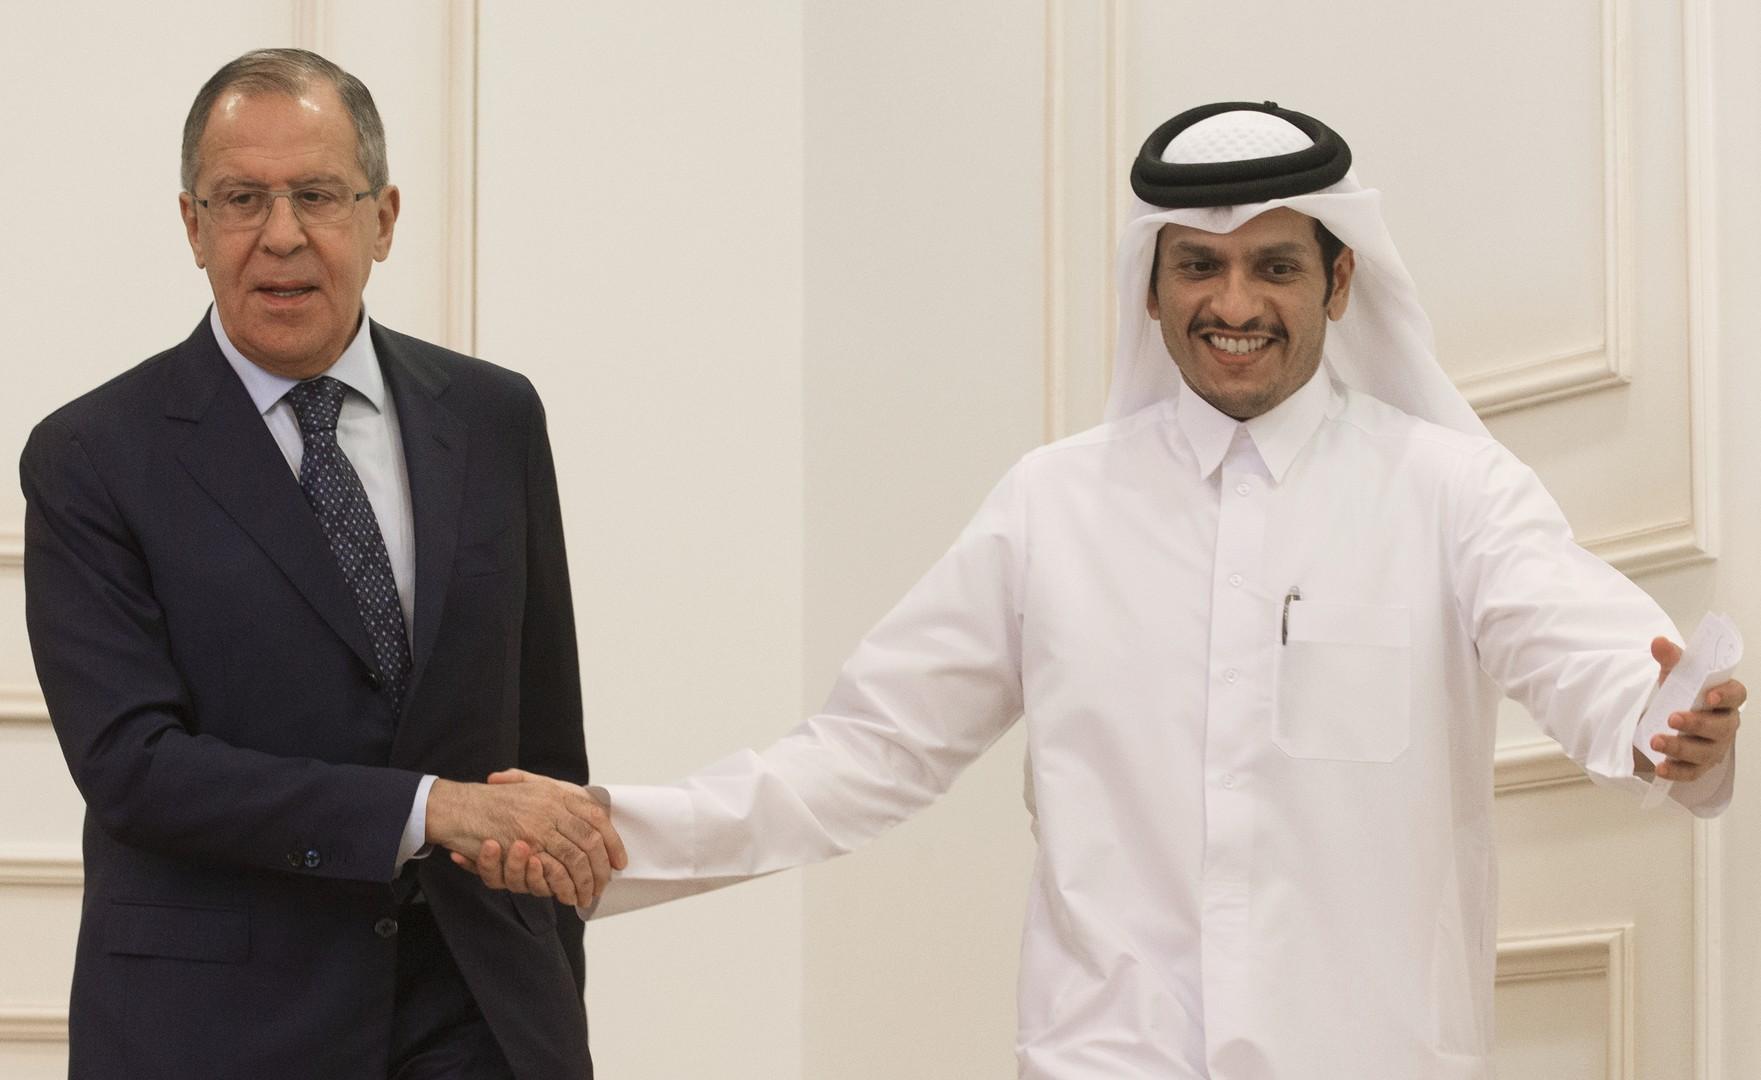 وزير الخارجية القطري، محمد بن عبد الرحمن آل ثاني، ووزير الخارجية الروسي، سيرغي لافروف، خلال لقائهما يوم 30 أغسطس 2017 في الدوحة